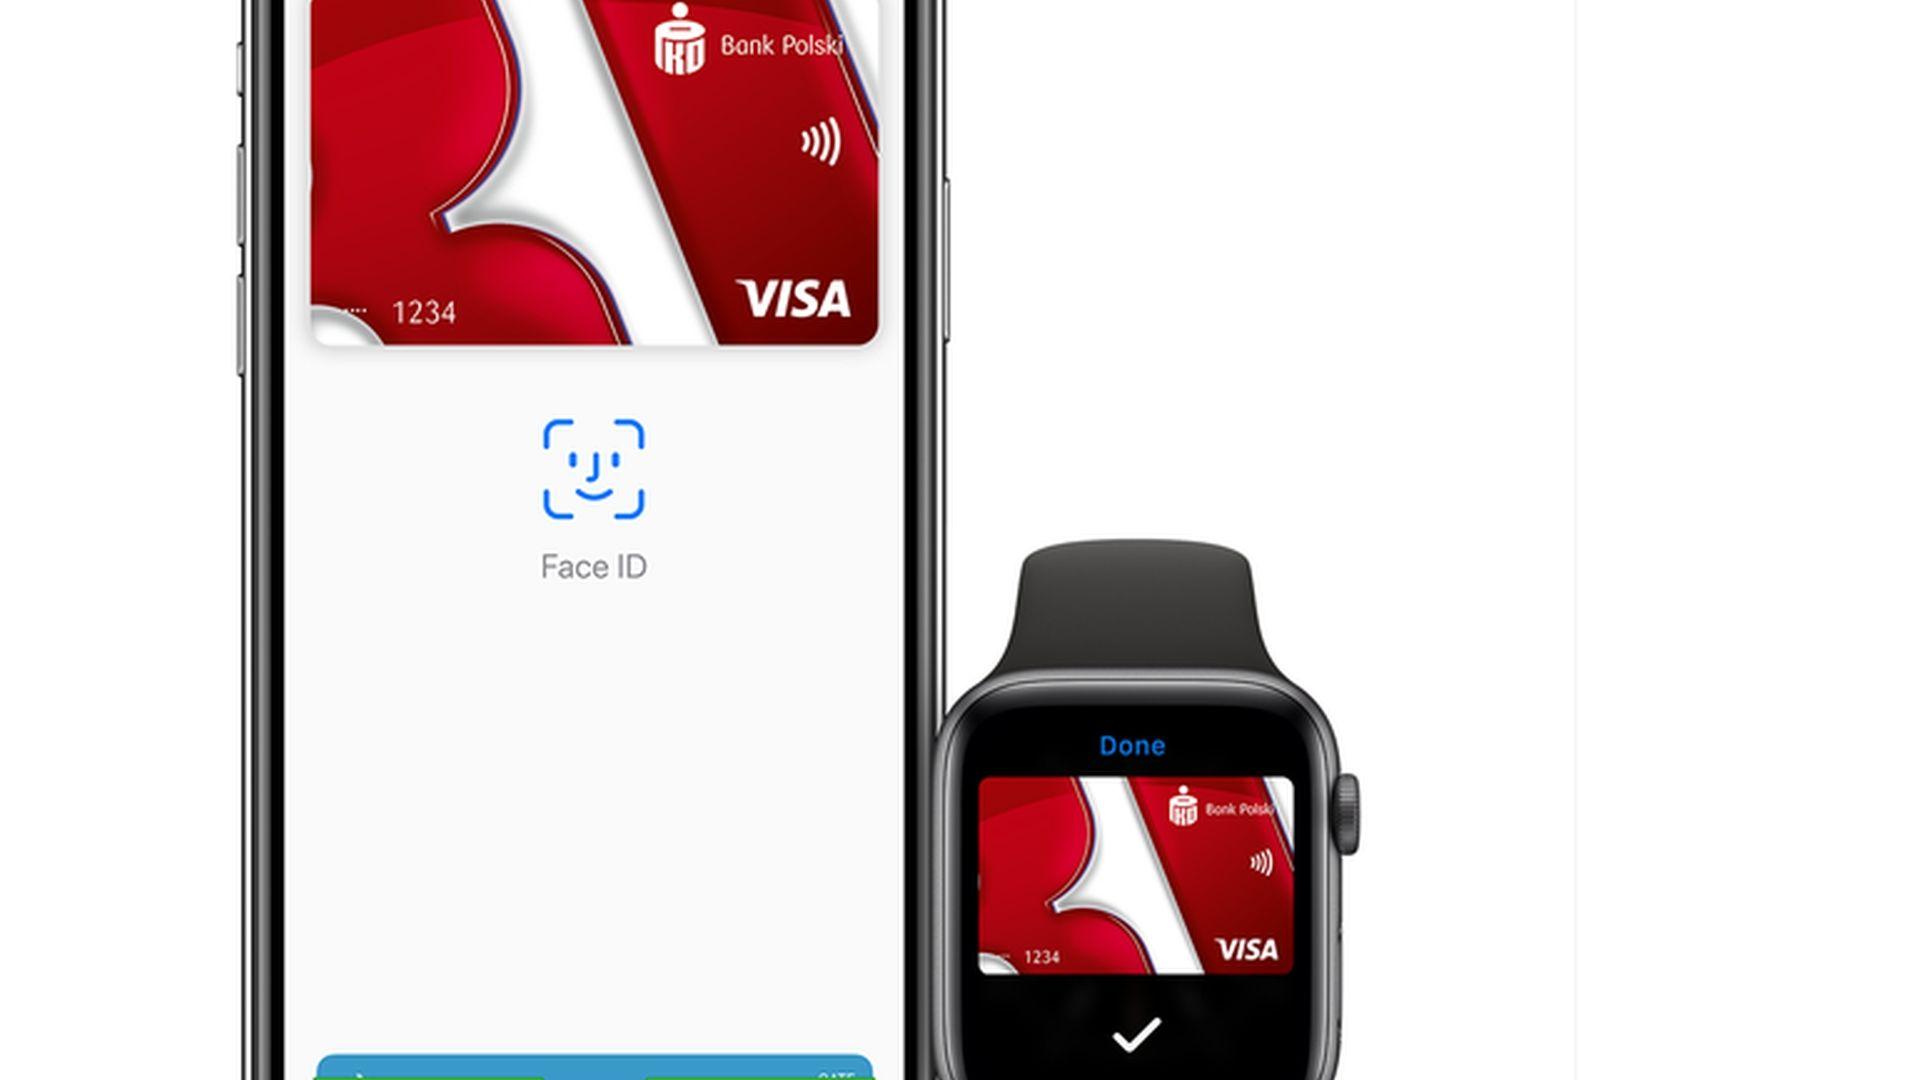 Firmowe karty PKO BP z Apple Pay z pewnymi wyjątkami